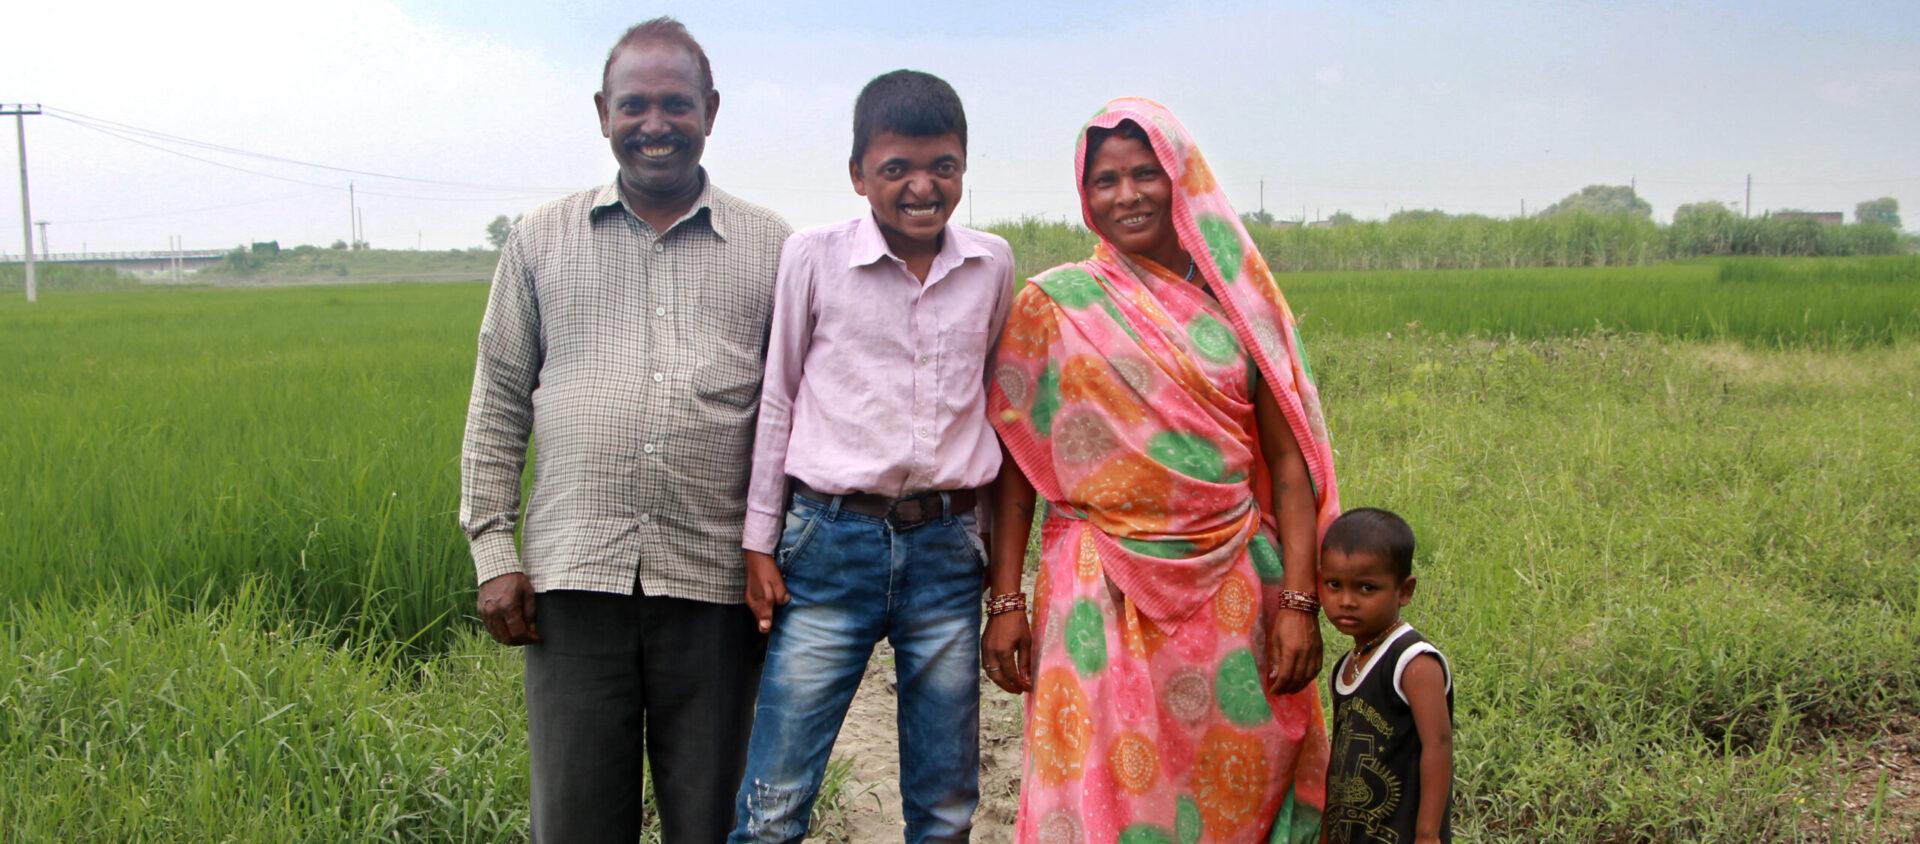 Sandeep med sin familj